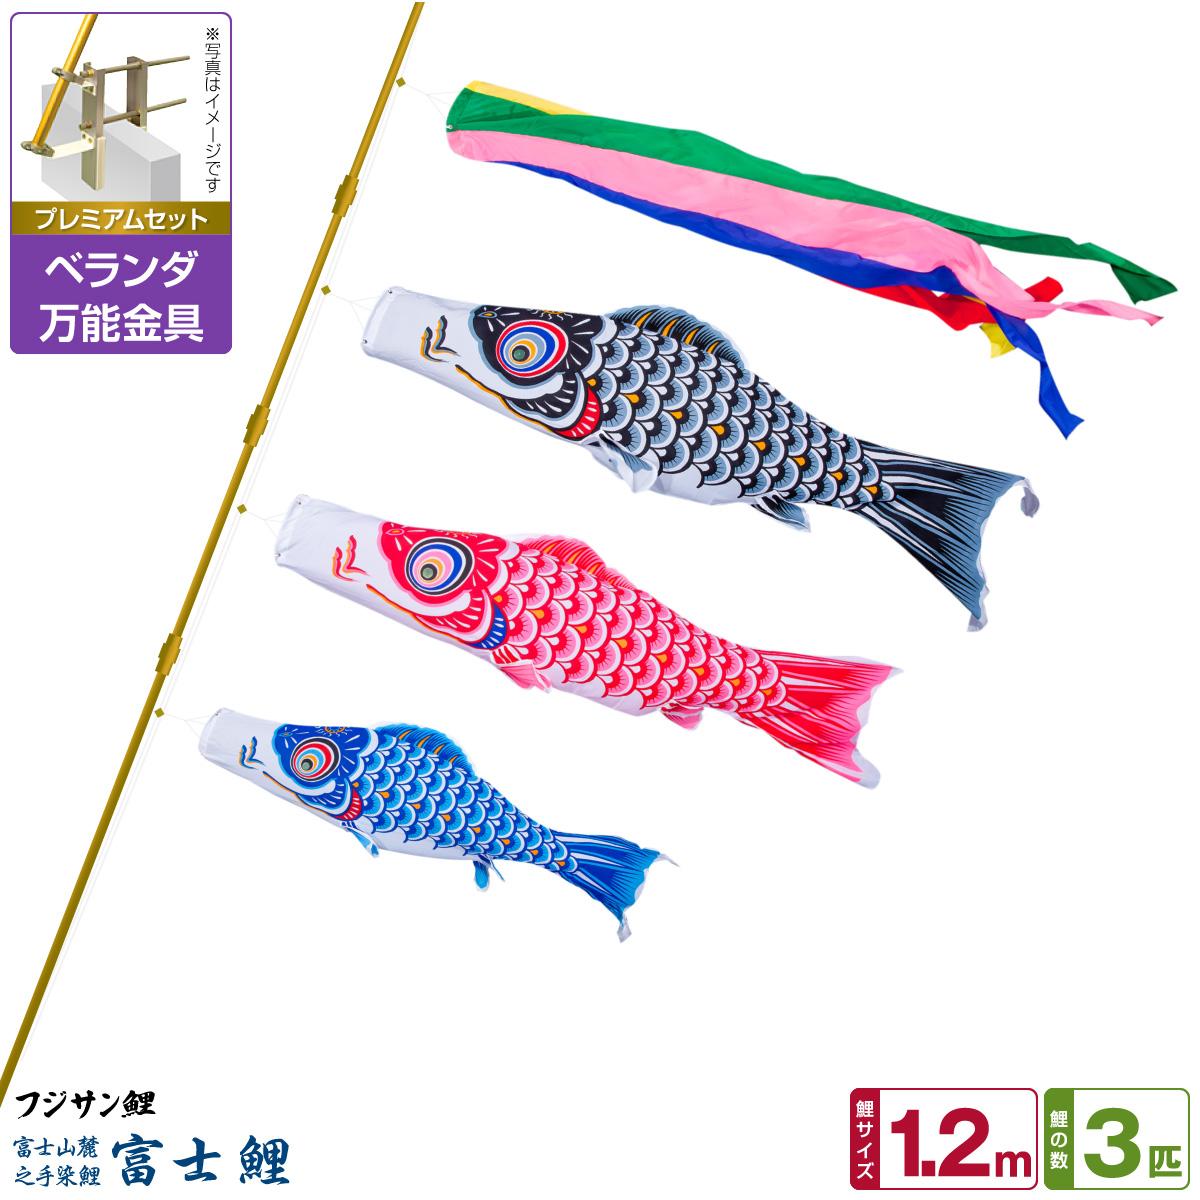 ベランダ用 こいのぼり 鯉のぼり フジサン鯉 富士鯉 1.2m 6点(吹流し+鯉3匹+矢車+ロープ)/プレミアムセット(万能取付金具)